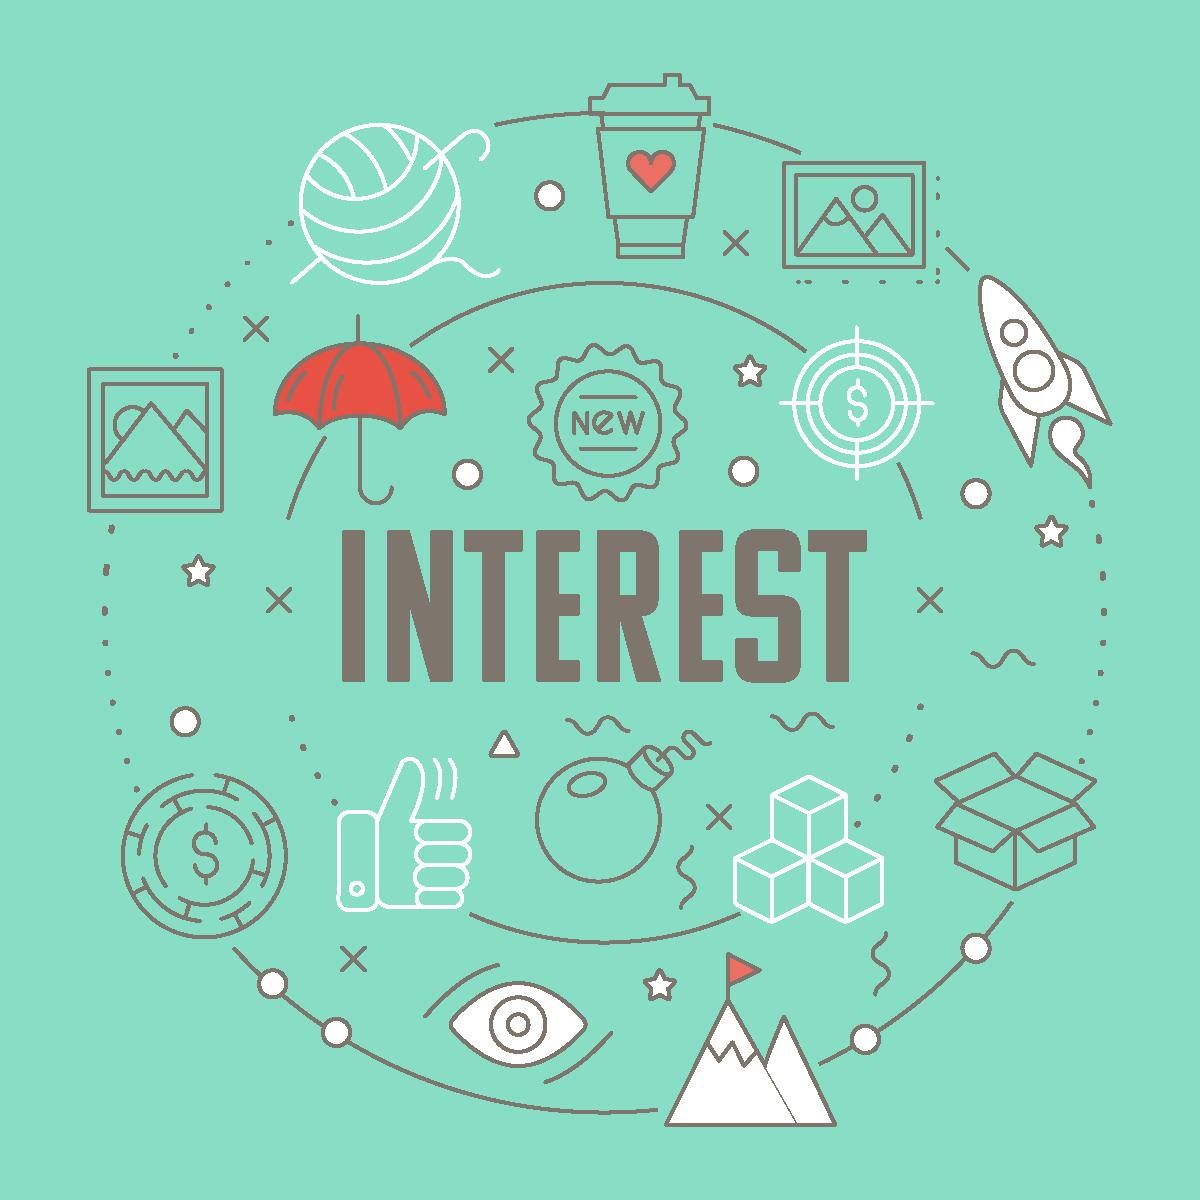 Interest.jpg